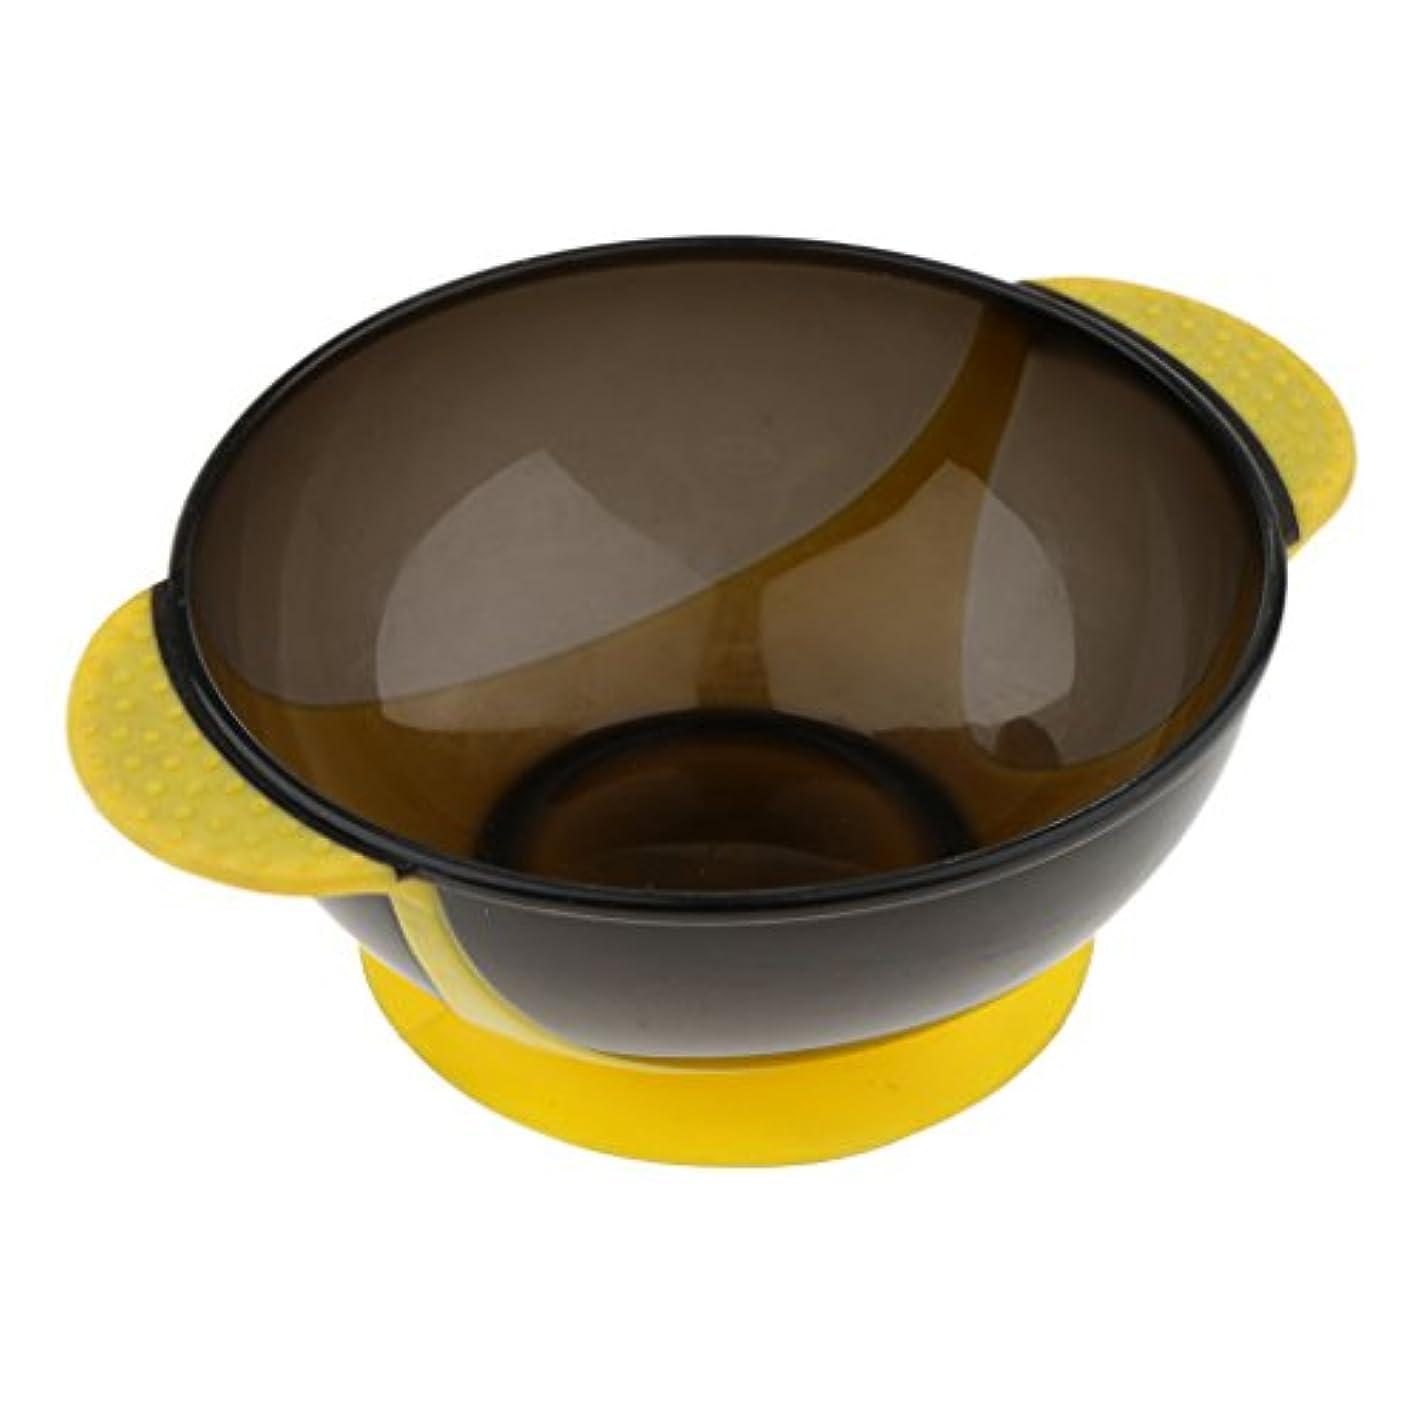 オーストラリア人スリッパ控えめなヘアダイボウル プラスチック製 サロン 髪染め ミントボウル 着色ツール 吸引ベース 3色選べる - 黄